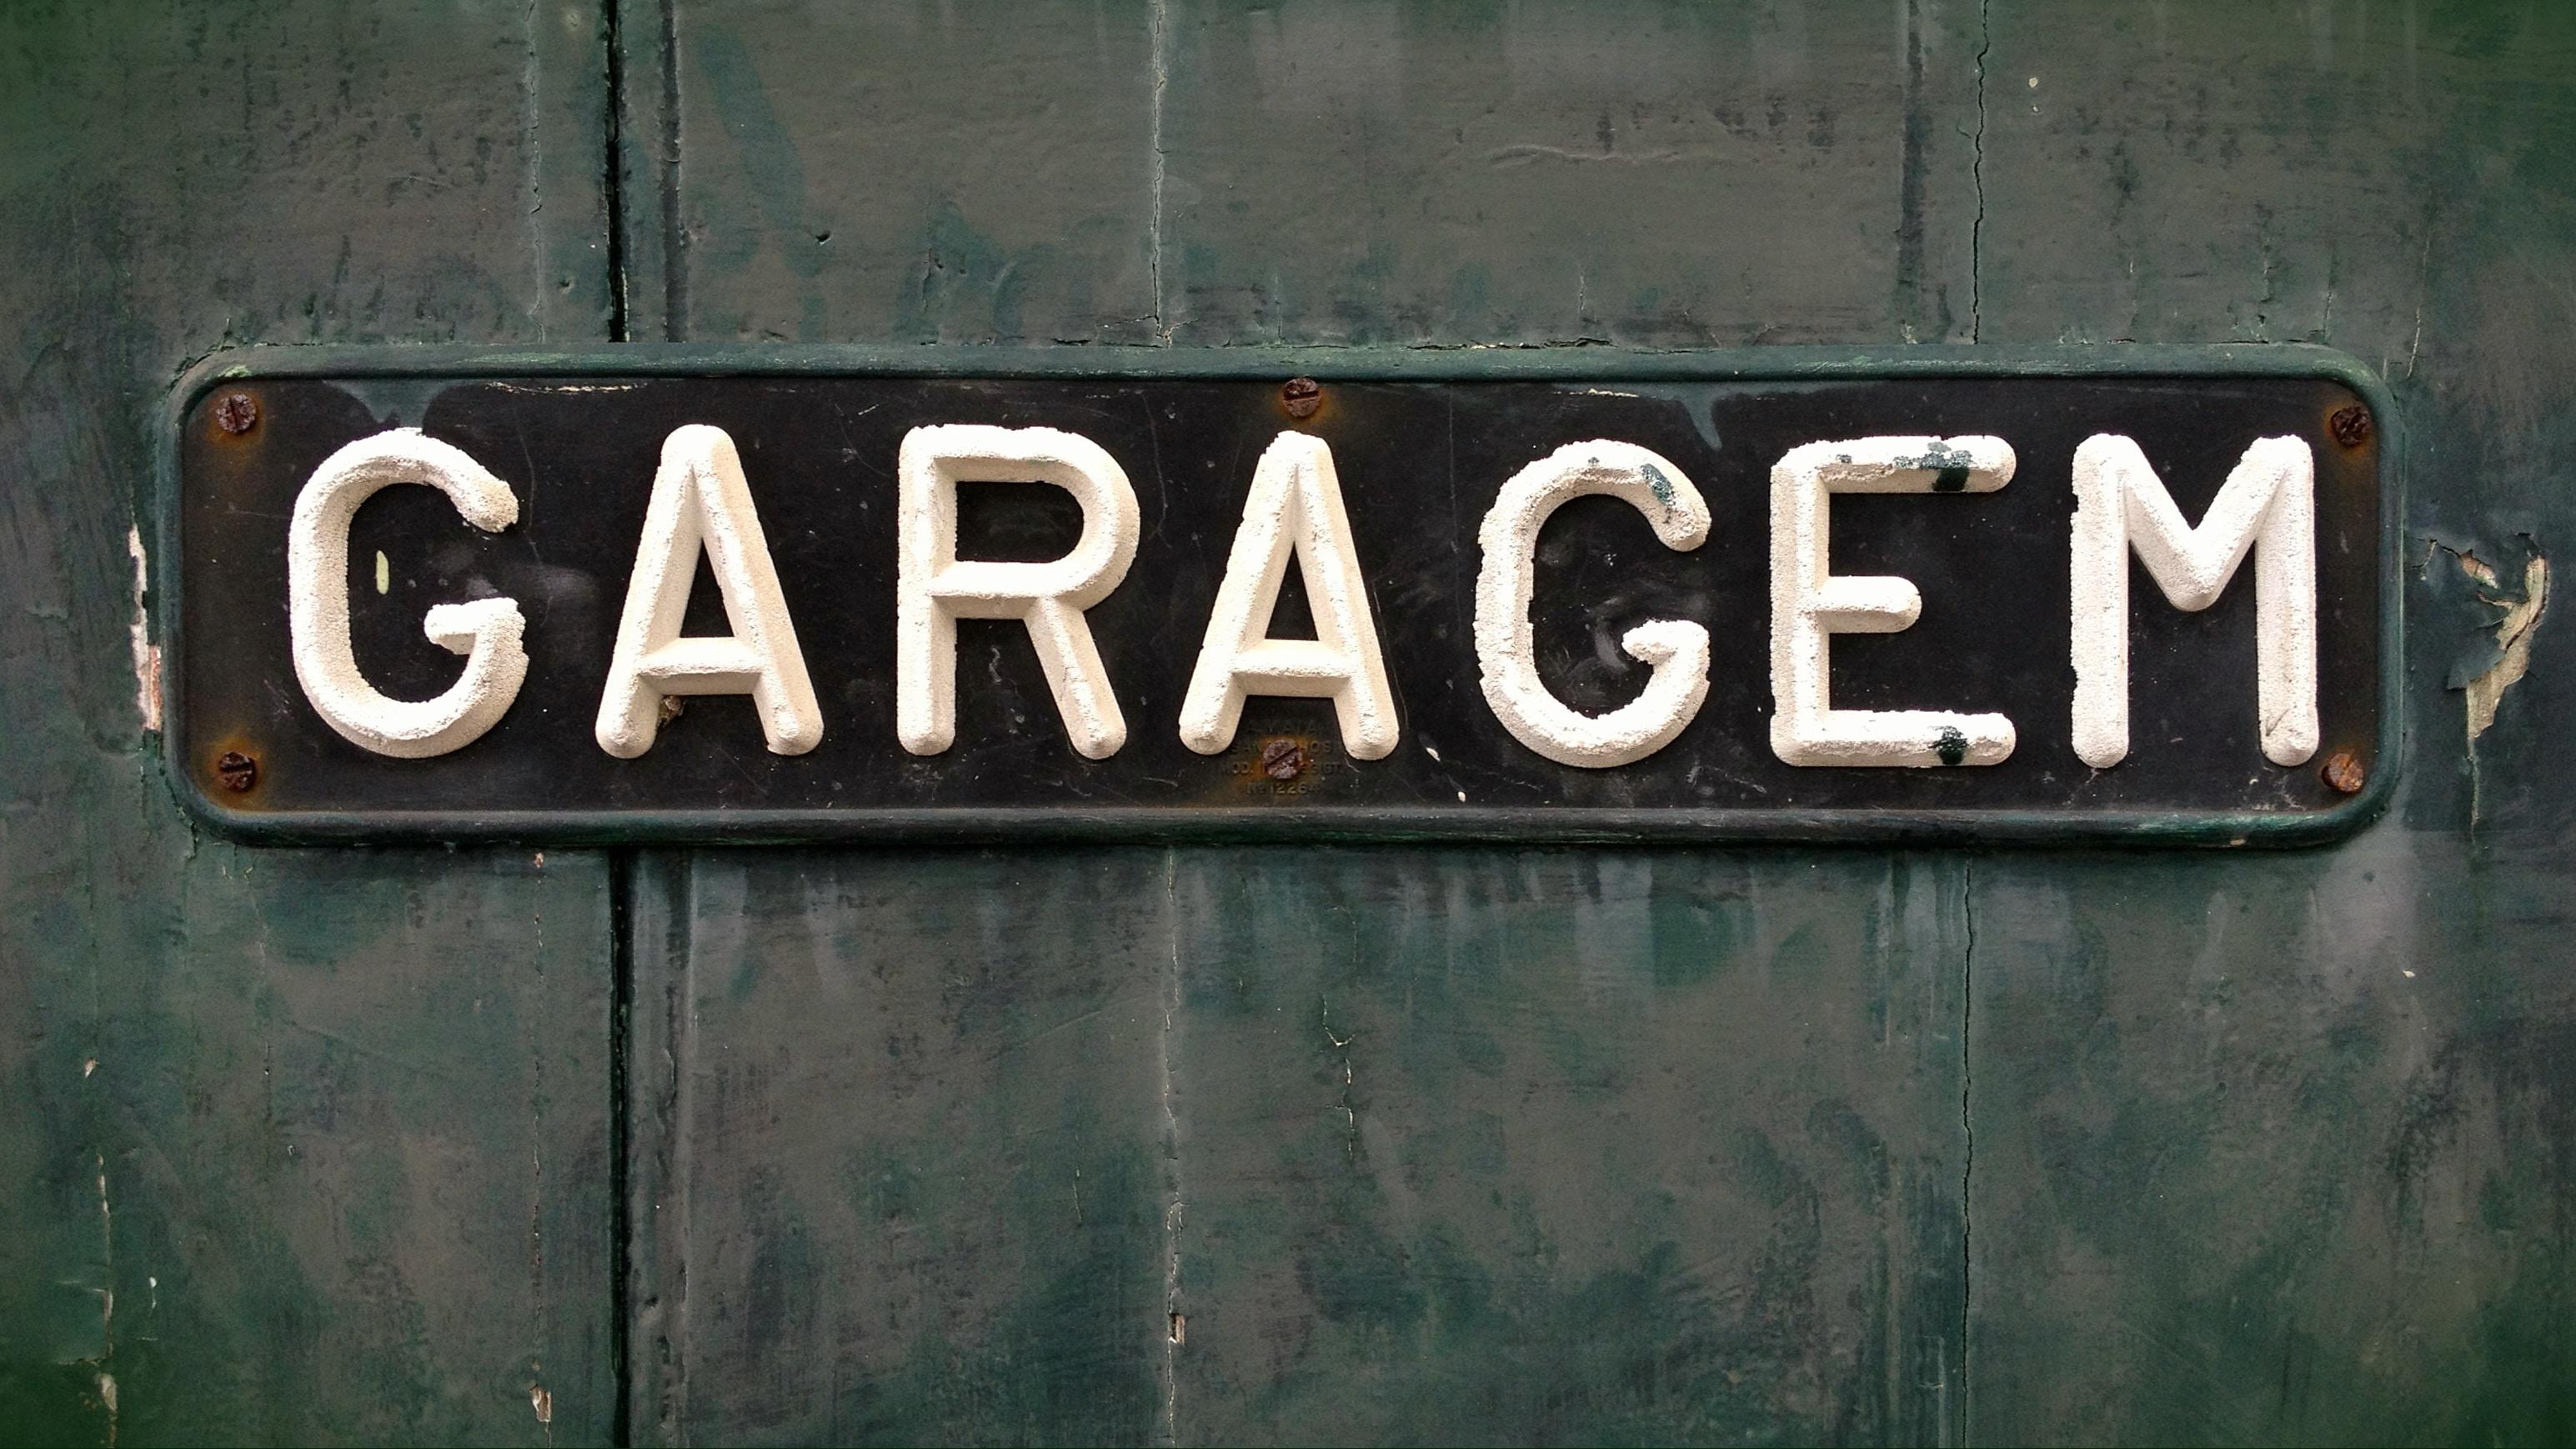 Garacem wall signage